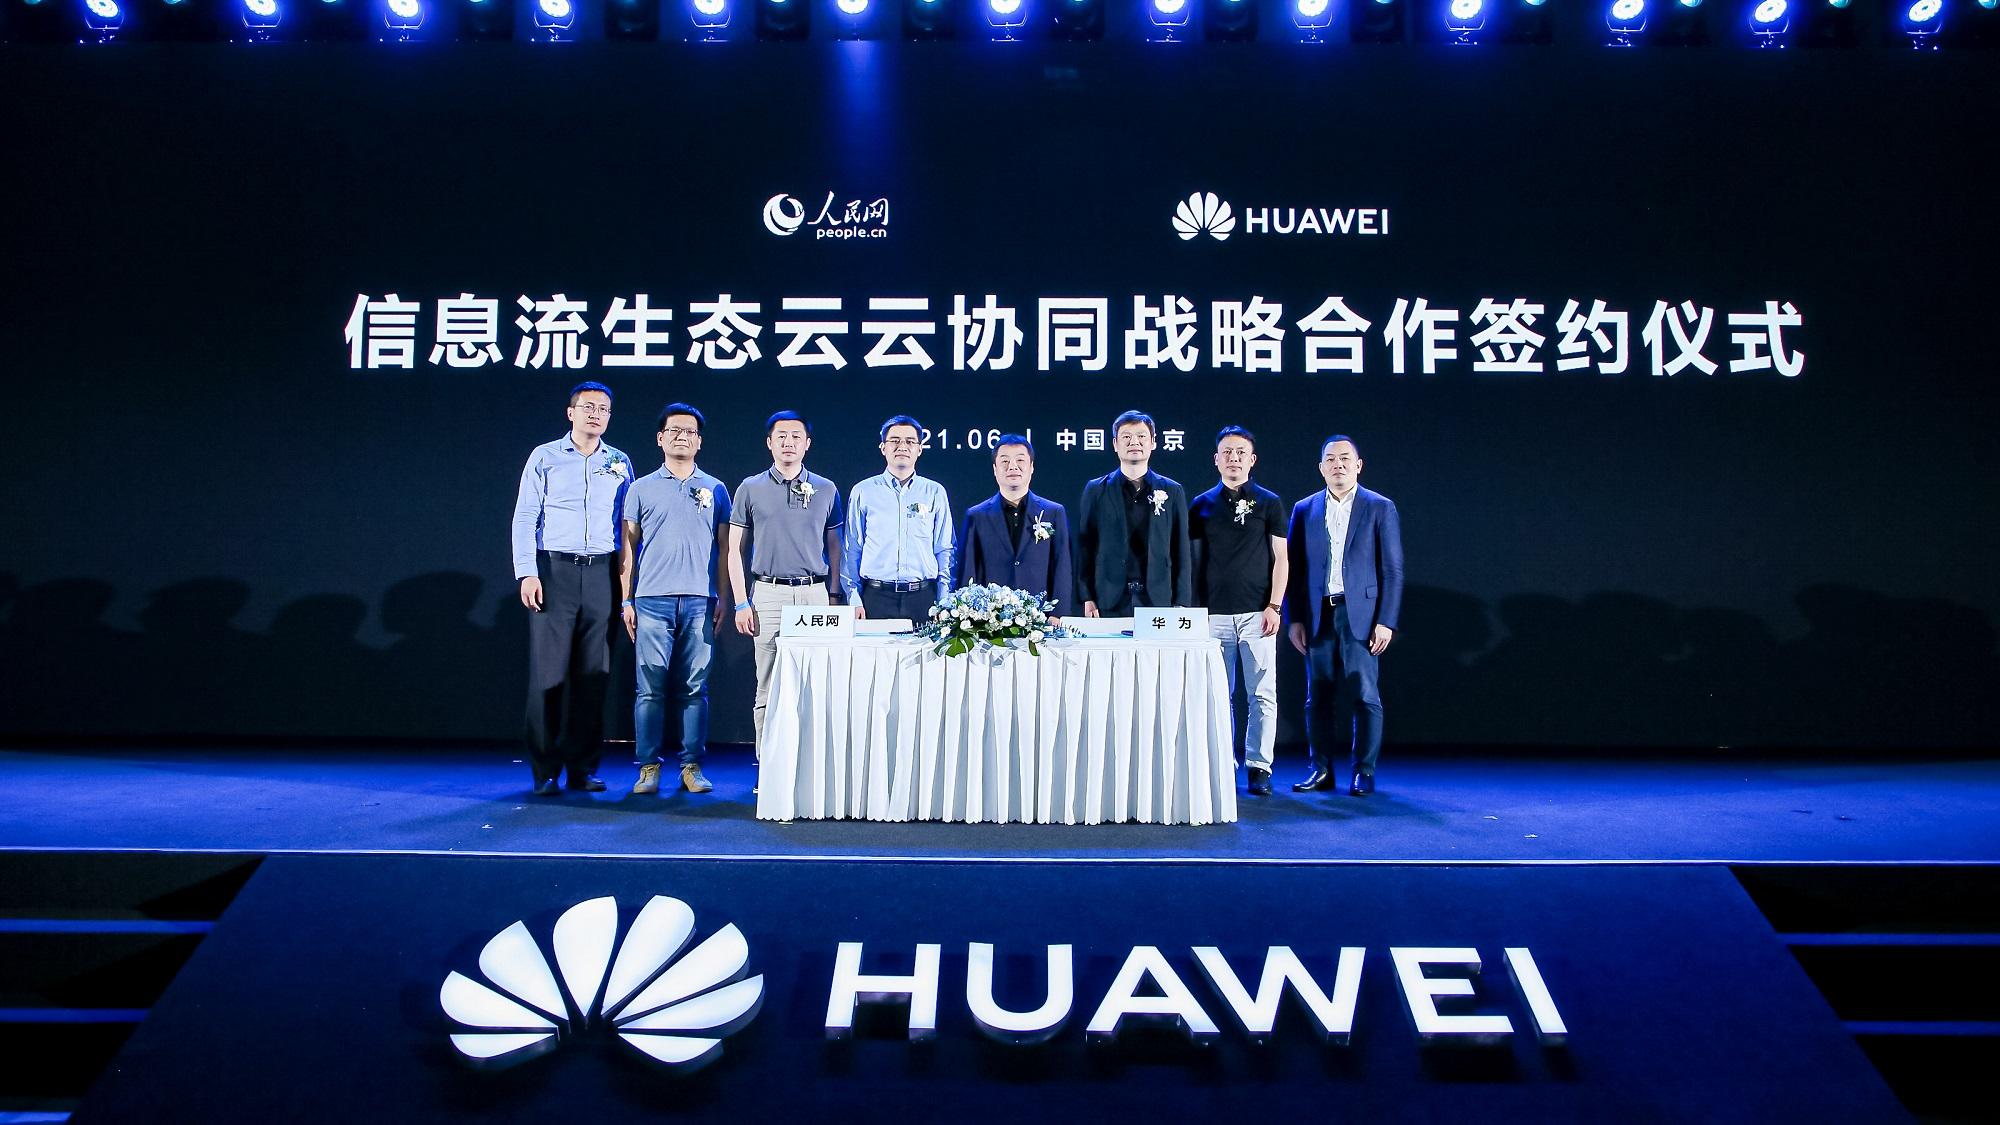 华为与人民科技在信息流生态领域达成战略合作